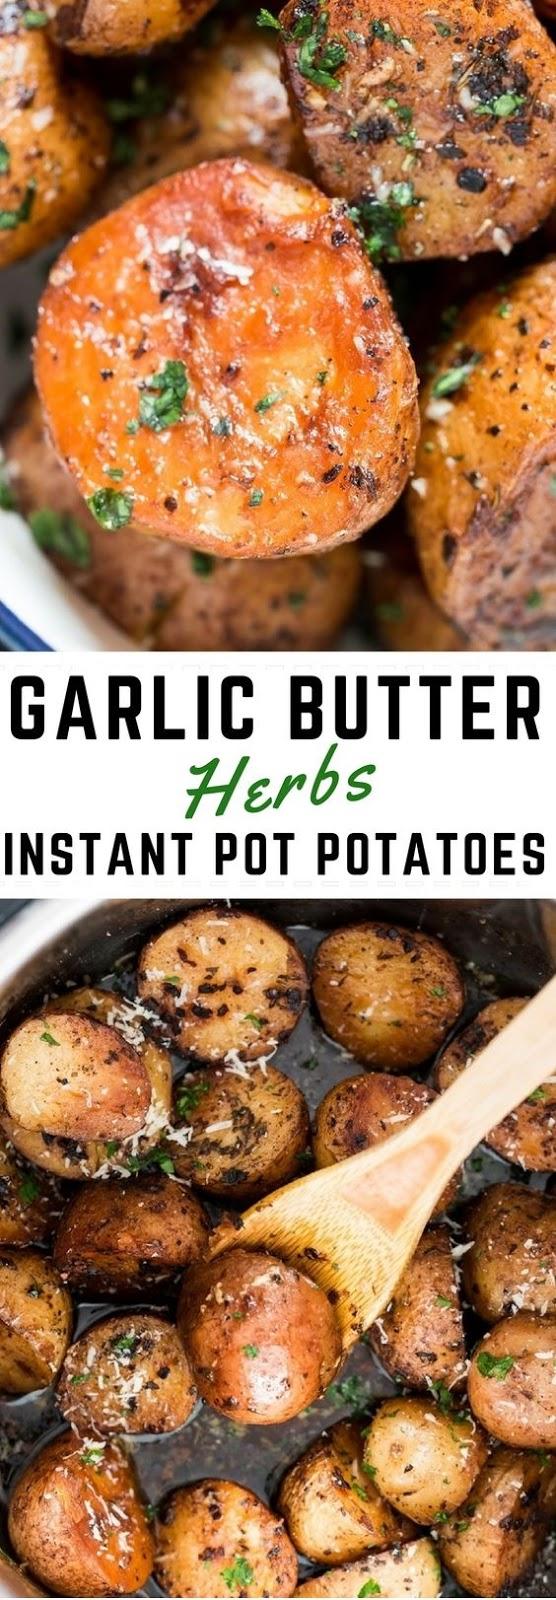 Garlic Butter Herbs Instant Pot Potatoes